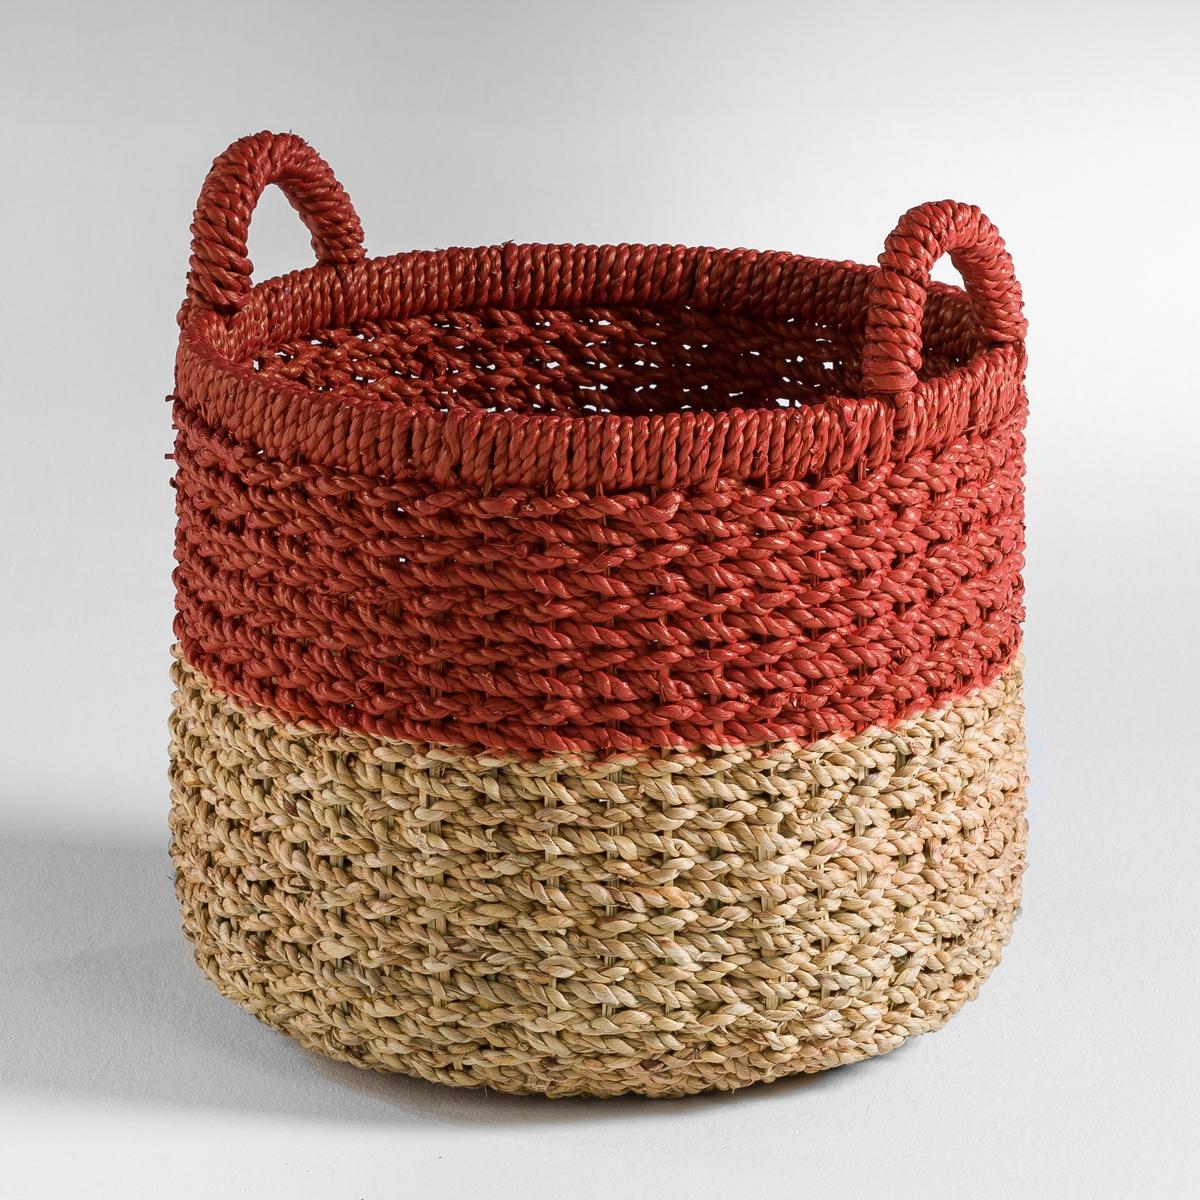 Корзина для хранения TigraХарактеристики корзины для хранения Tigra:Из волокон эйхорнии. Металлический каркас и плетеные ручки.Размеры корзины для хранения Tigra:Диаметр: 35 см. Высота: 42 см.<br><br>Цвет: экрю/ красный